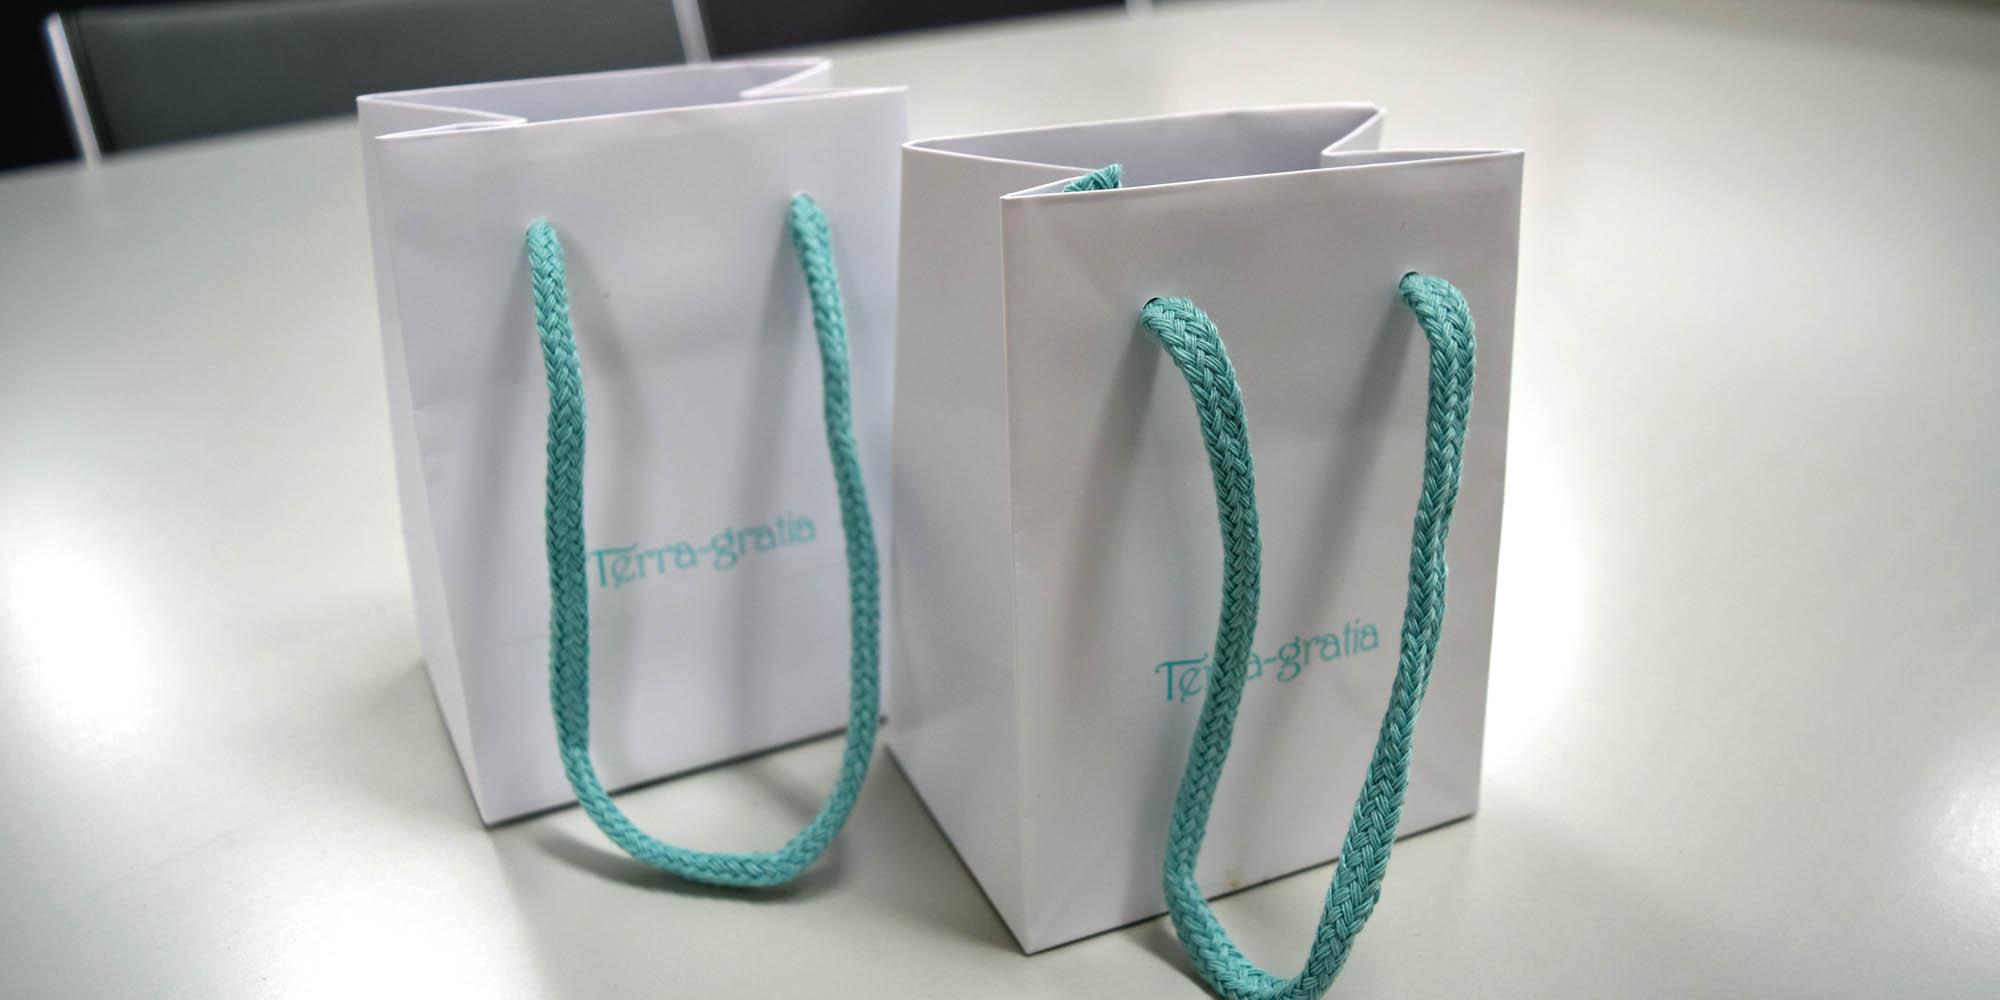 有名シルバーアクセサリー店様向けの高級感溢れるマットPP手提げ紙袋(特小サイズ)